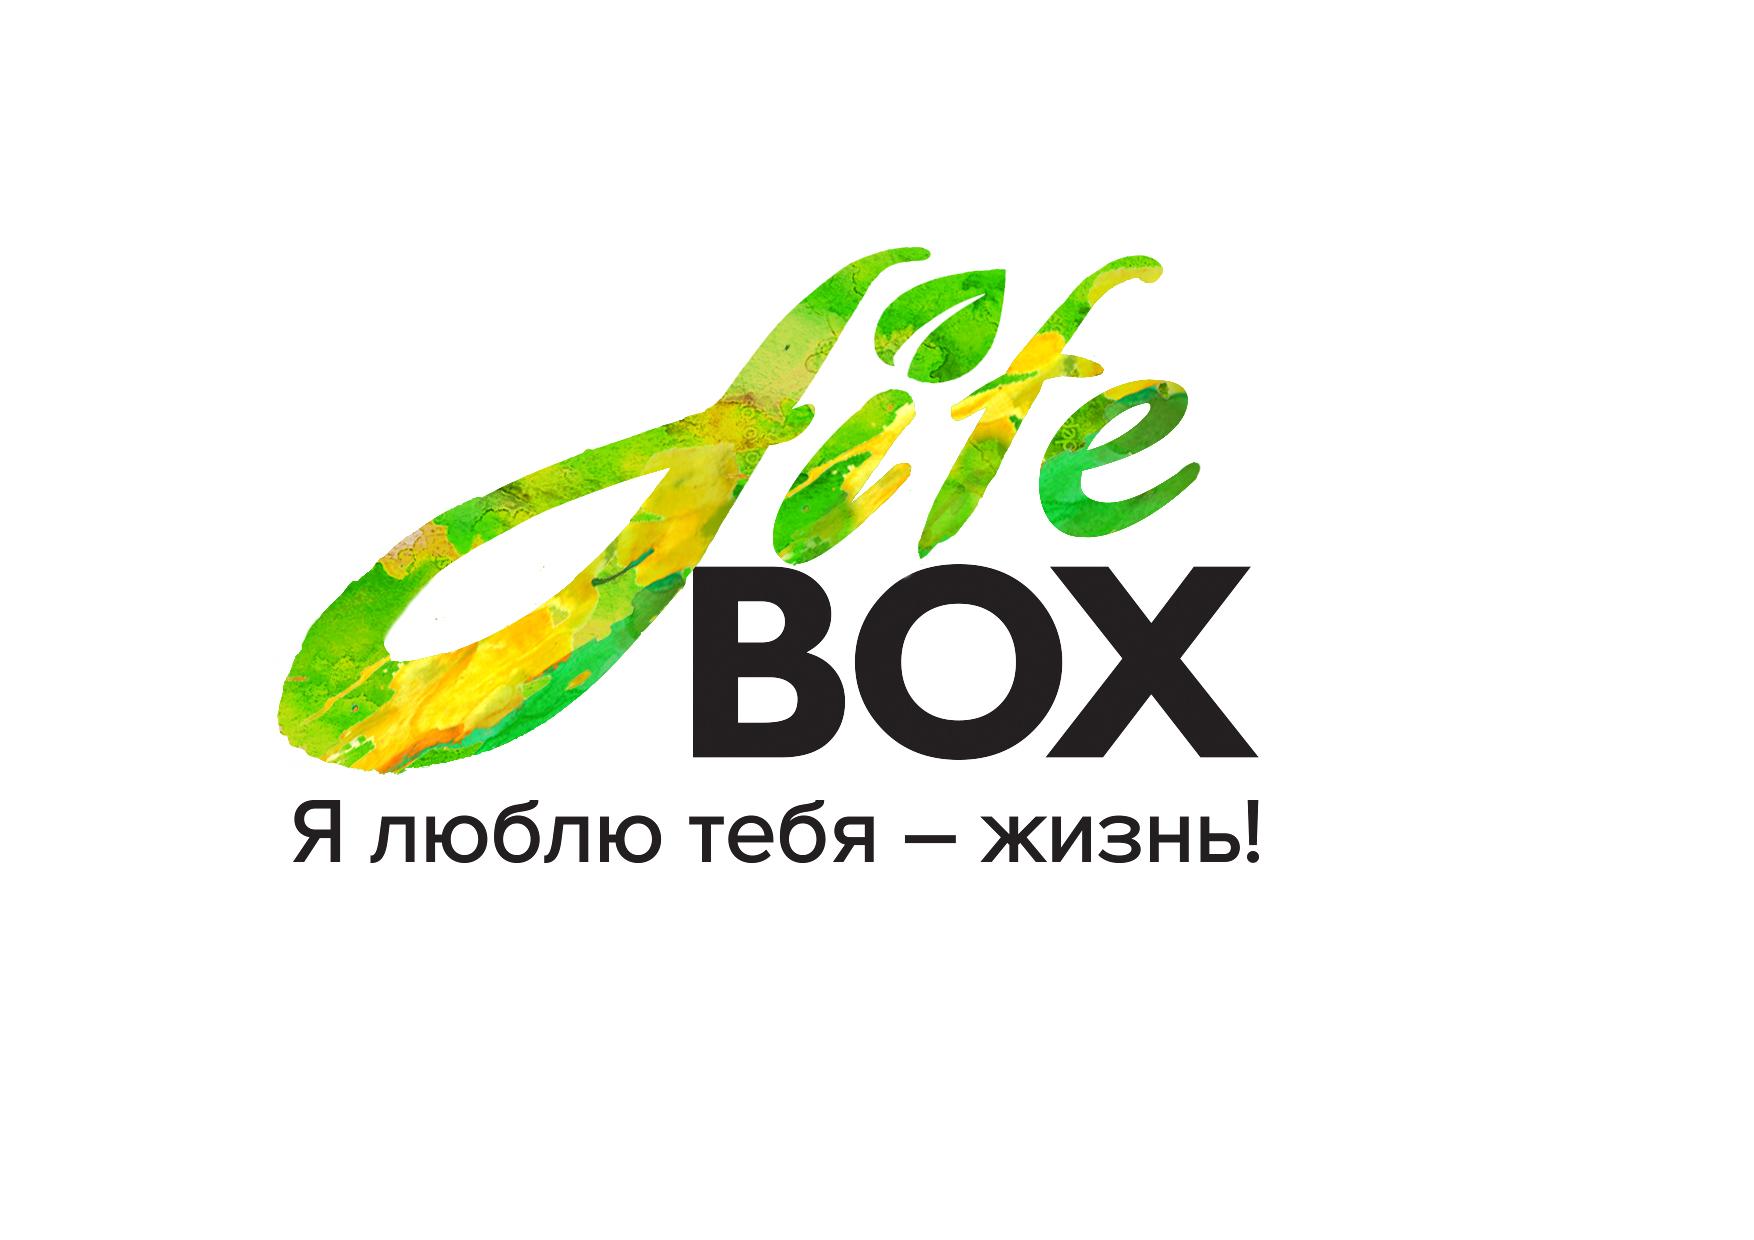 Разработка Логотипа. Победитель получит расширеный заказ  фото f_4425c4d08e5daf05.jpg